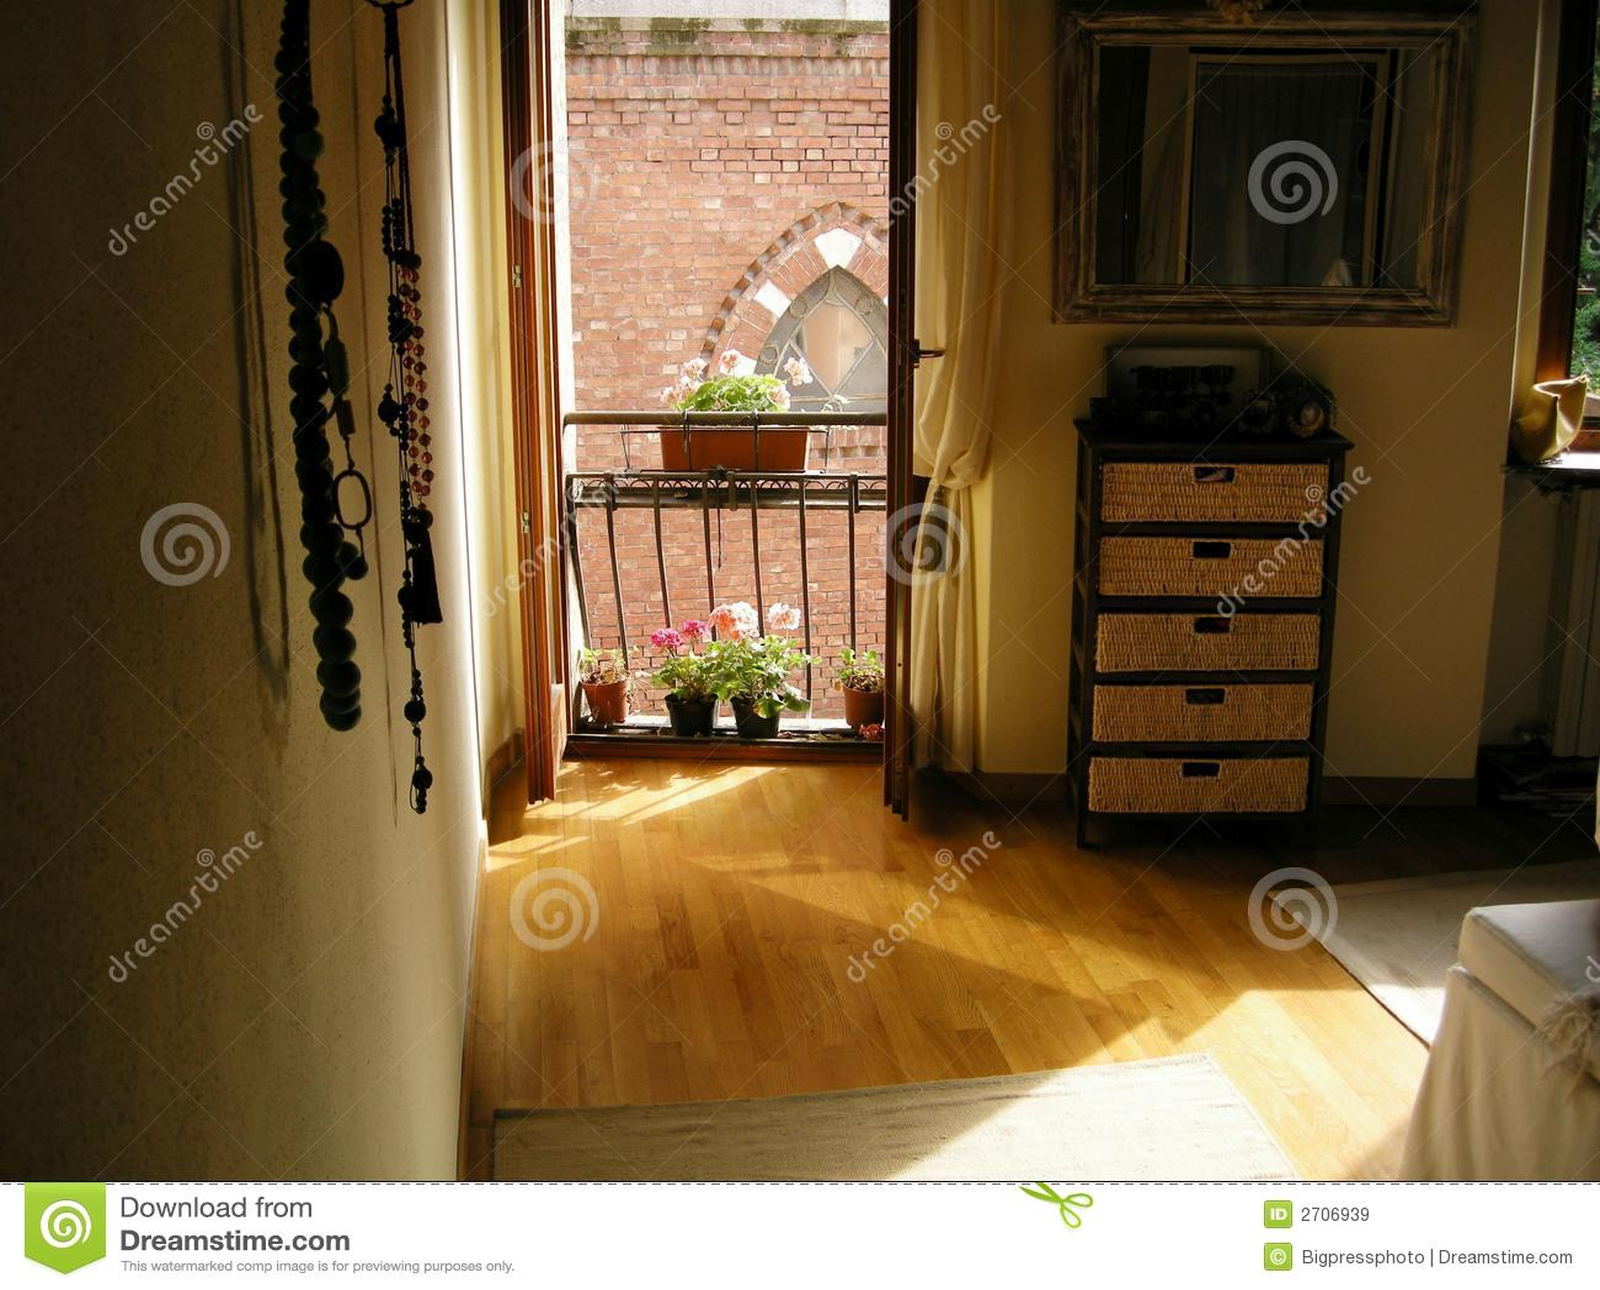 Sferen Romantische Slaapkamer Royalty-vrije Stock Afbeeldingen ...